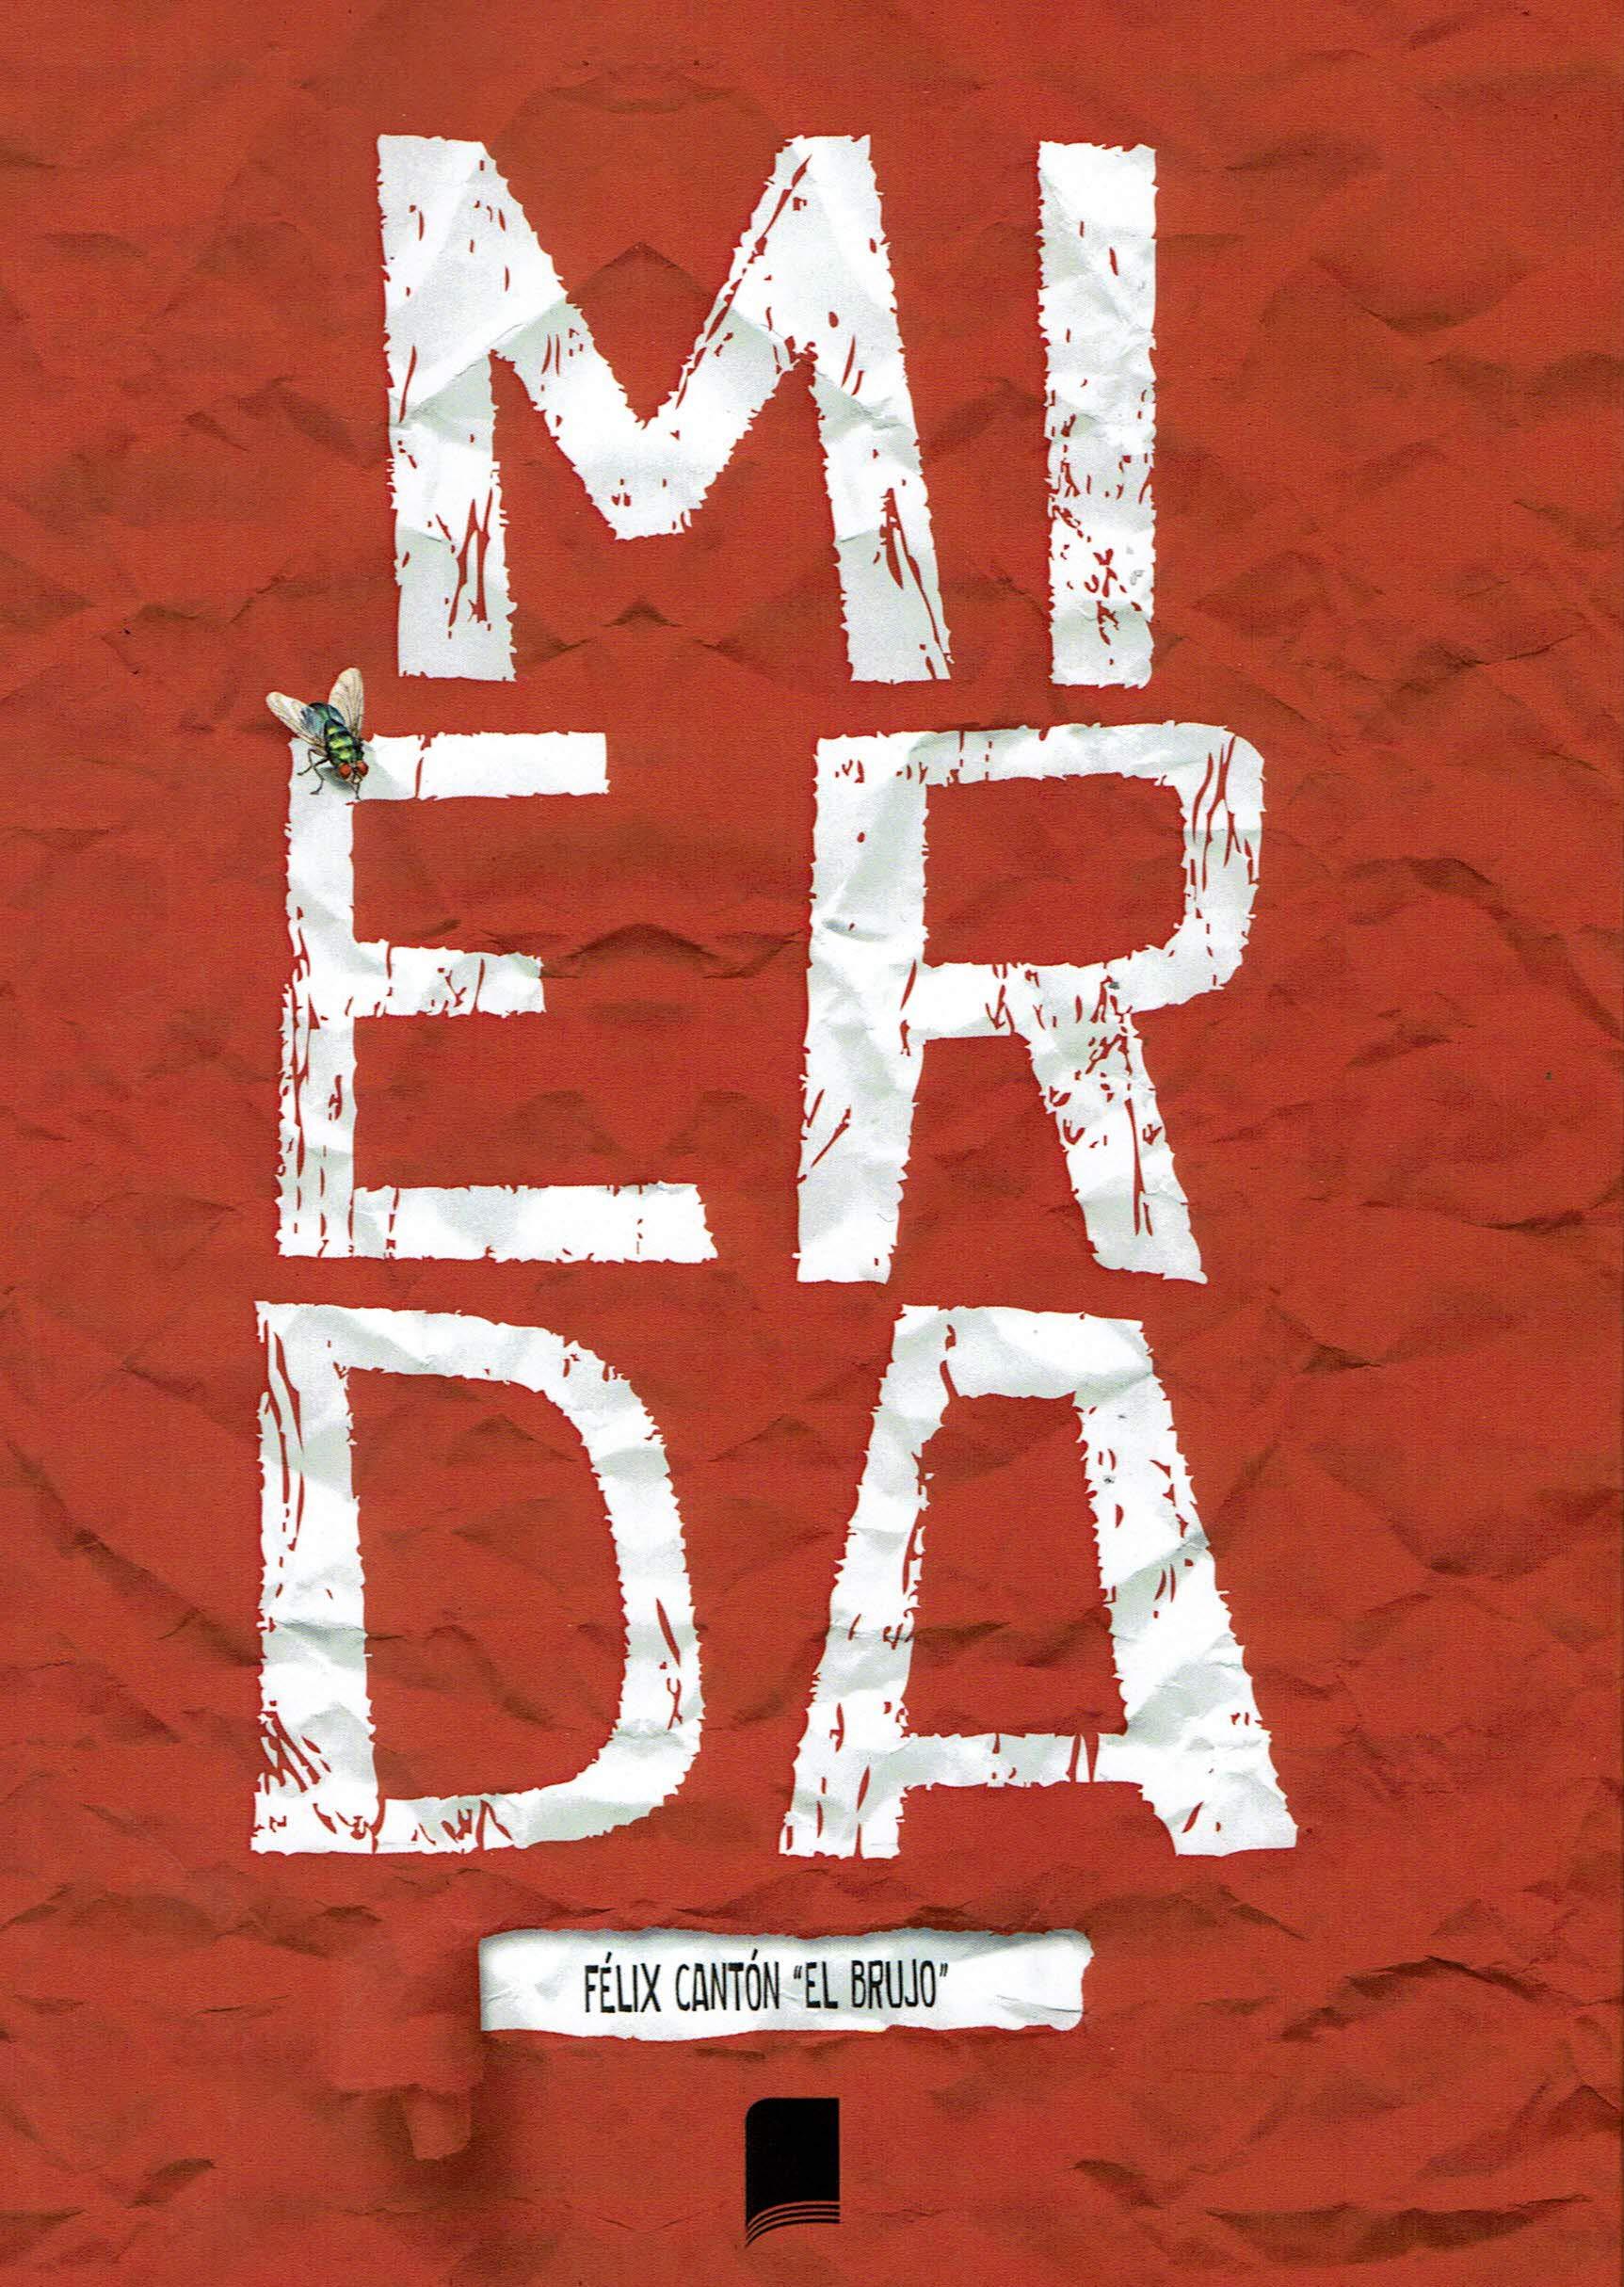 MIERDA: Amazon.es: Cantón, Félix: Libros